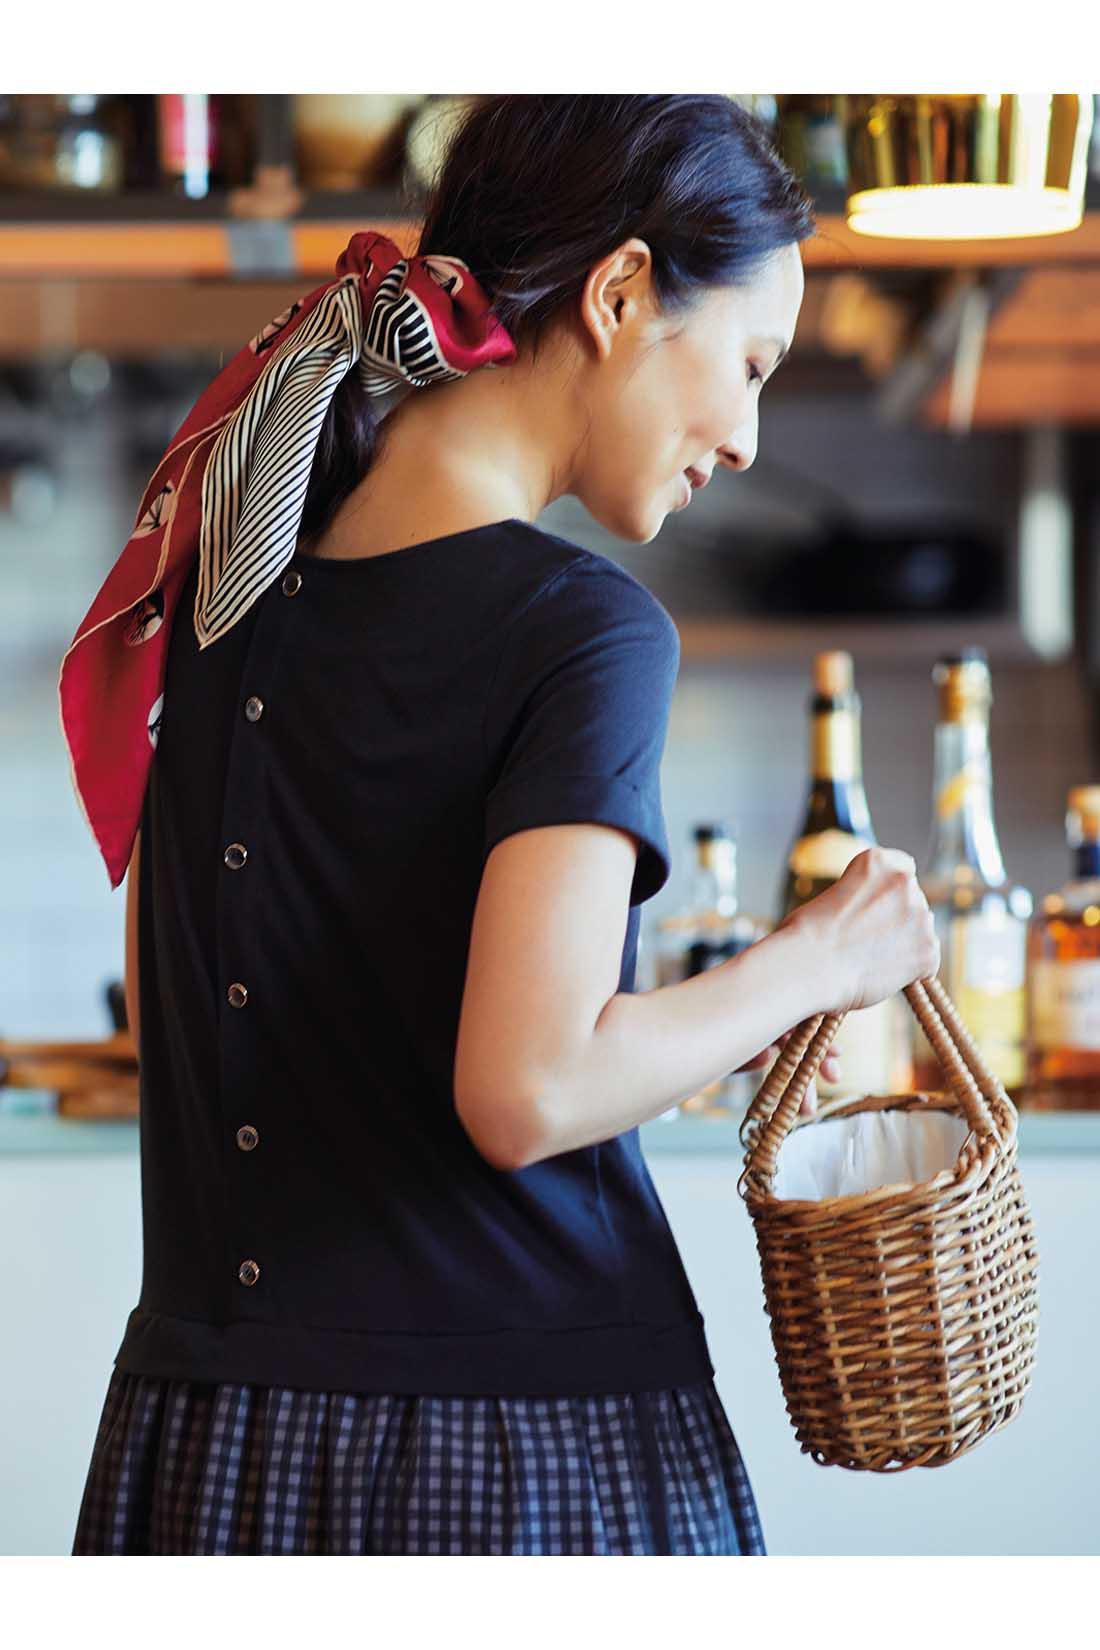 前はすらりとシンプルに、背中には飾りボタンを並べて華やぎをプラス。